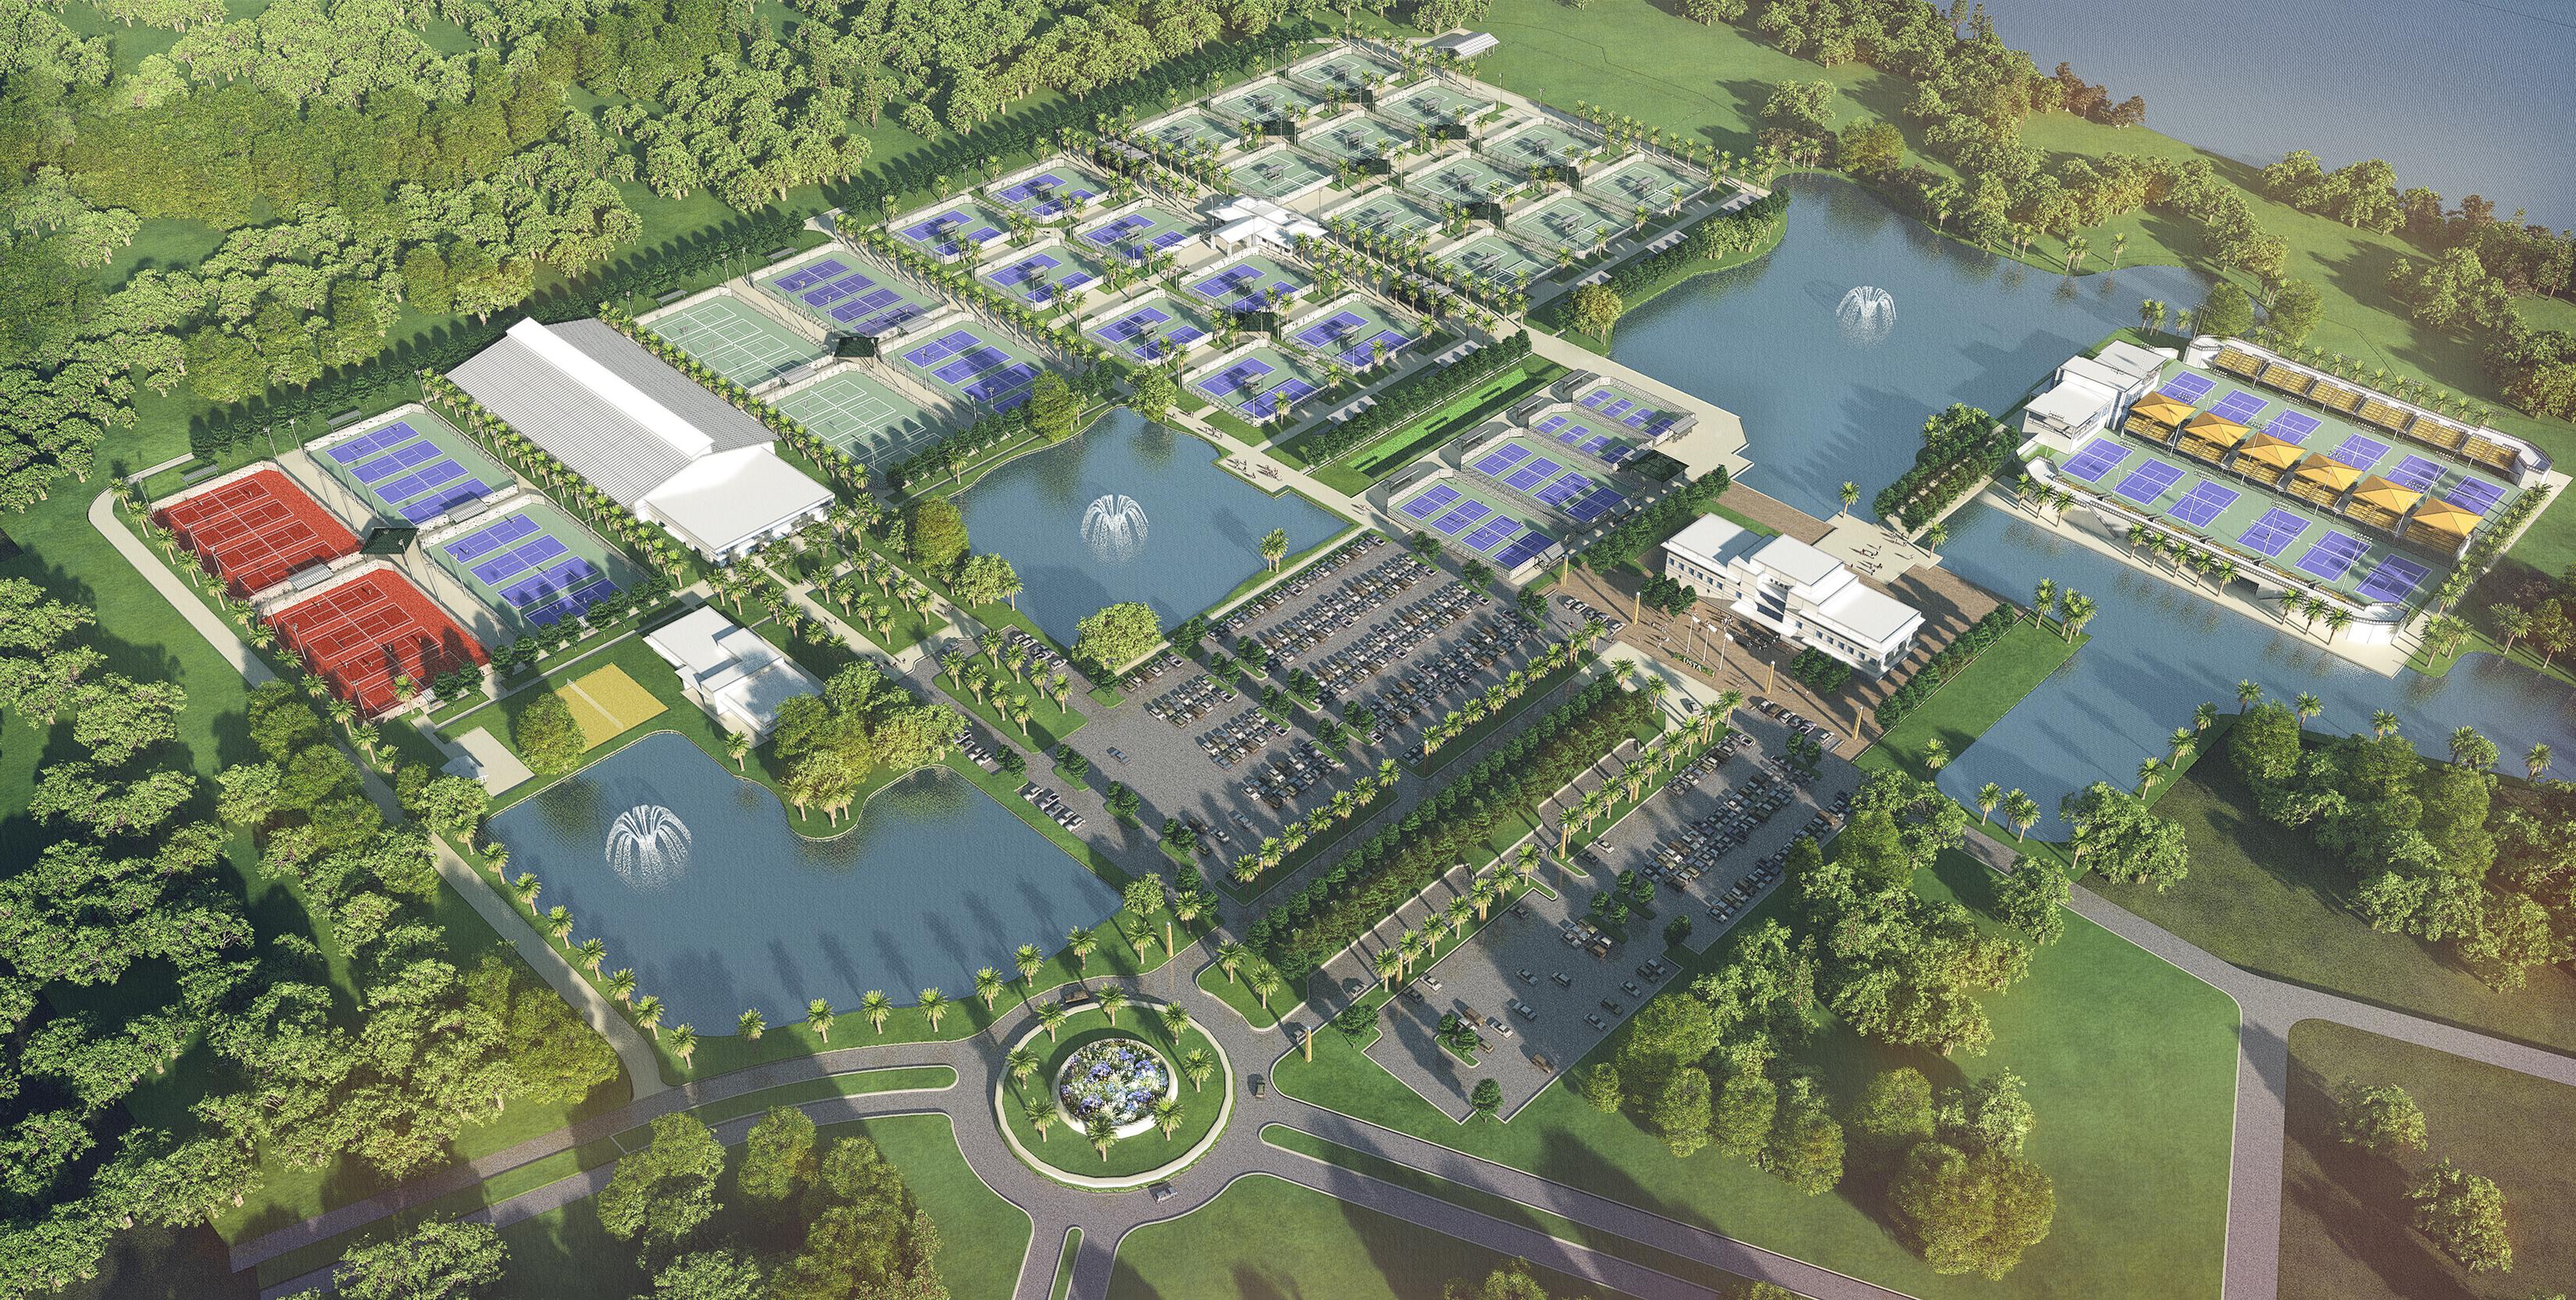 USTA To Build Tennis Complex in Orlando – SportsTravel